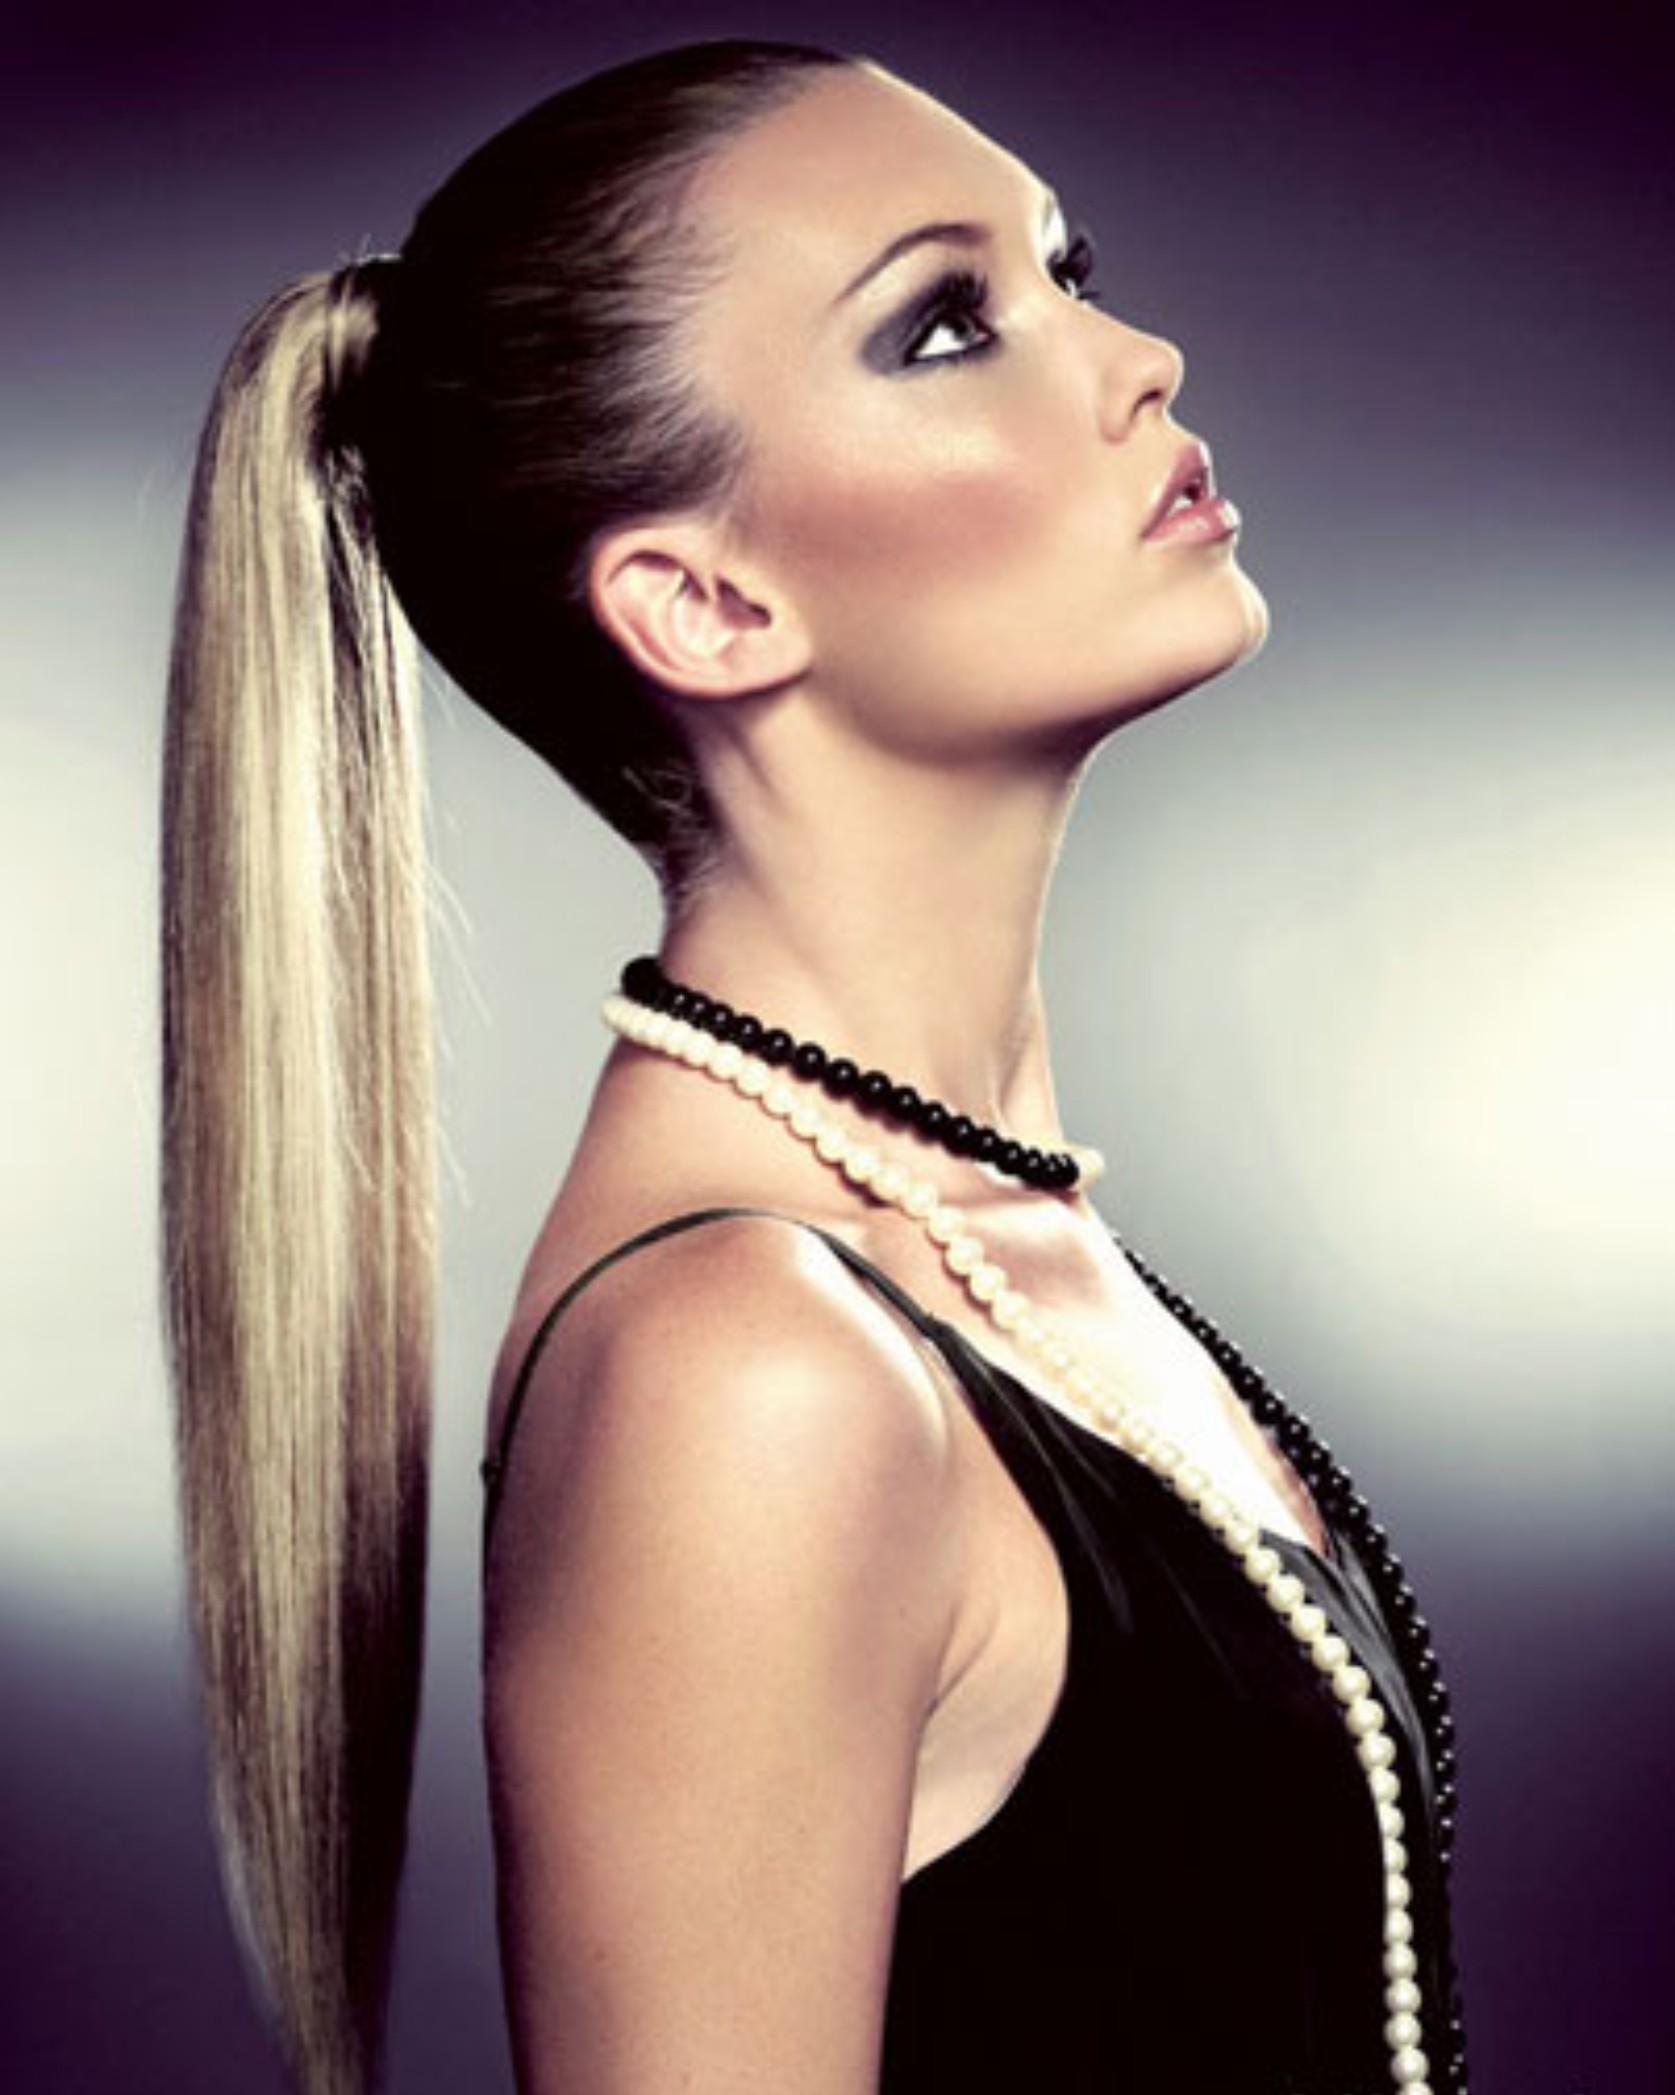 На фото: красивые прически на длинные волосы - прическа в виде элегантной ракушки.